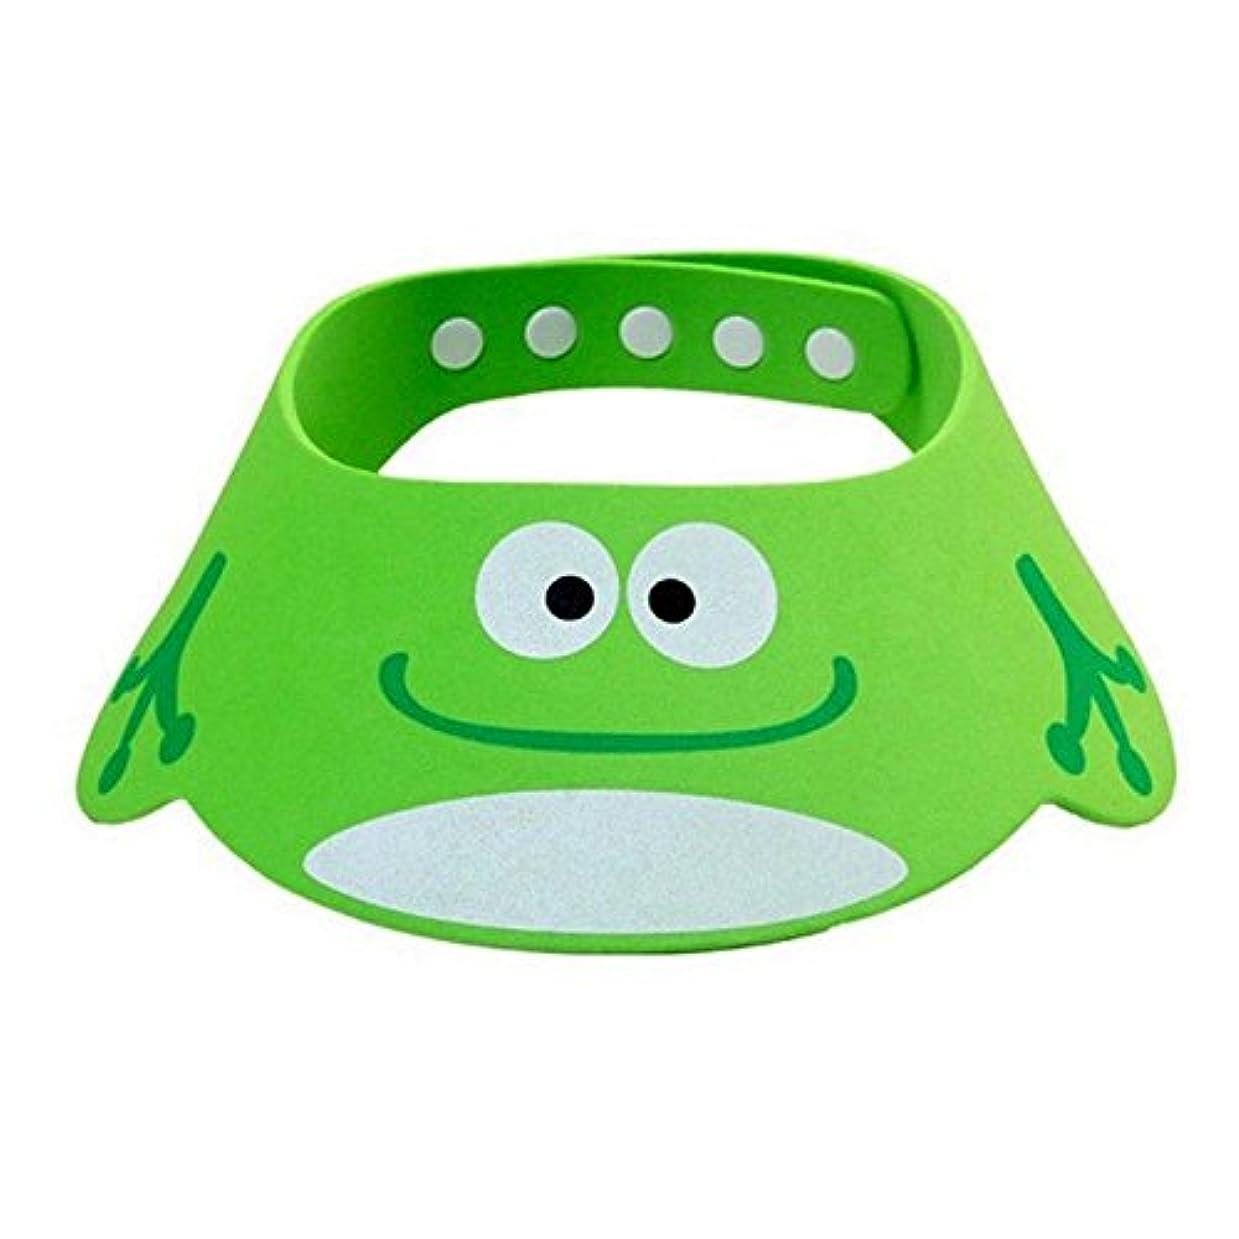 ブラウス圧力シート調整可能なベビーハット入浴子供用シャンプーキャップ動物ベビーシャワーキャップ入浴バイザーベビーケアソフトハット green